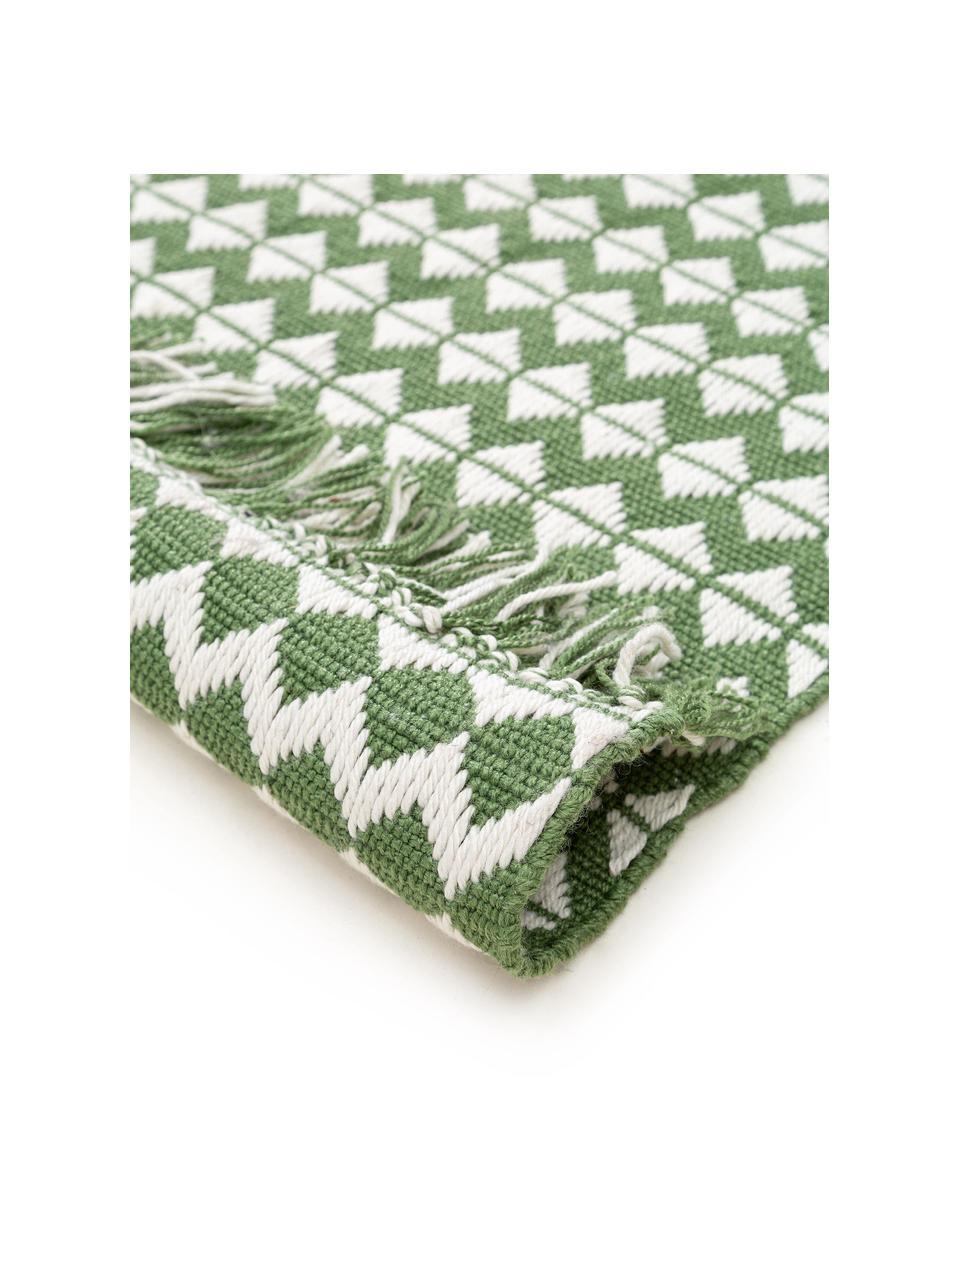 In- & Outdoor-Teppich Morty mit Ethnomuster und Fransen, 100% Polyester (recyceltes PET), Grün, gebrochenes Weiß, B 80 x L 150 cm (Größe XS)